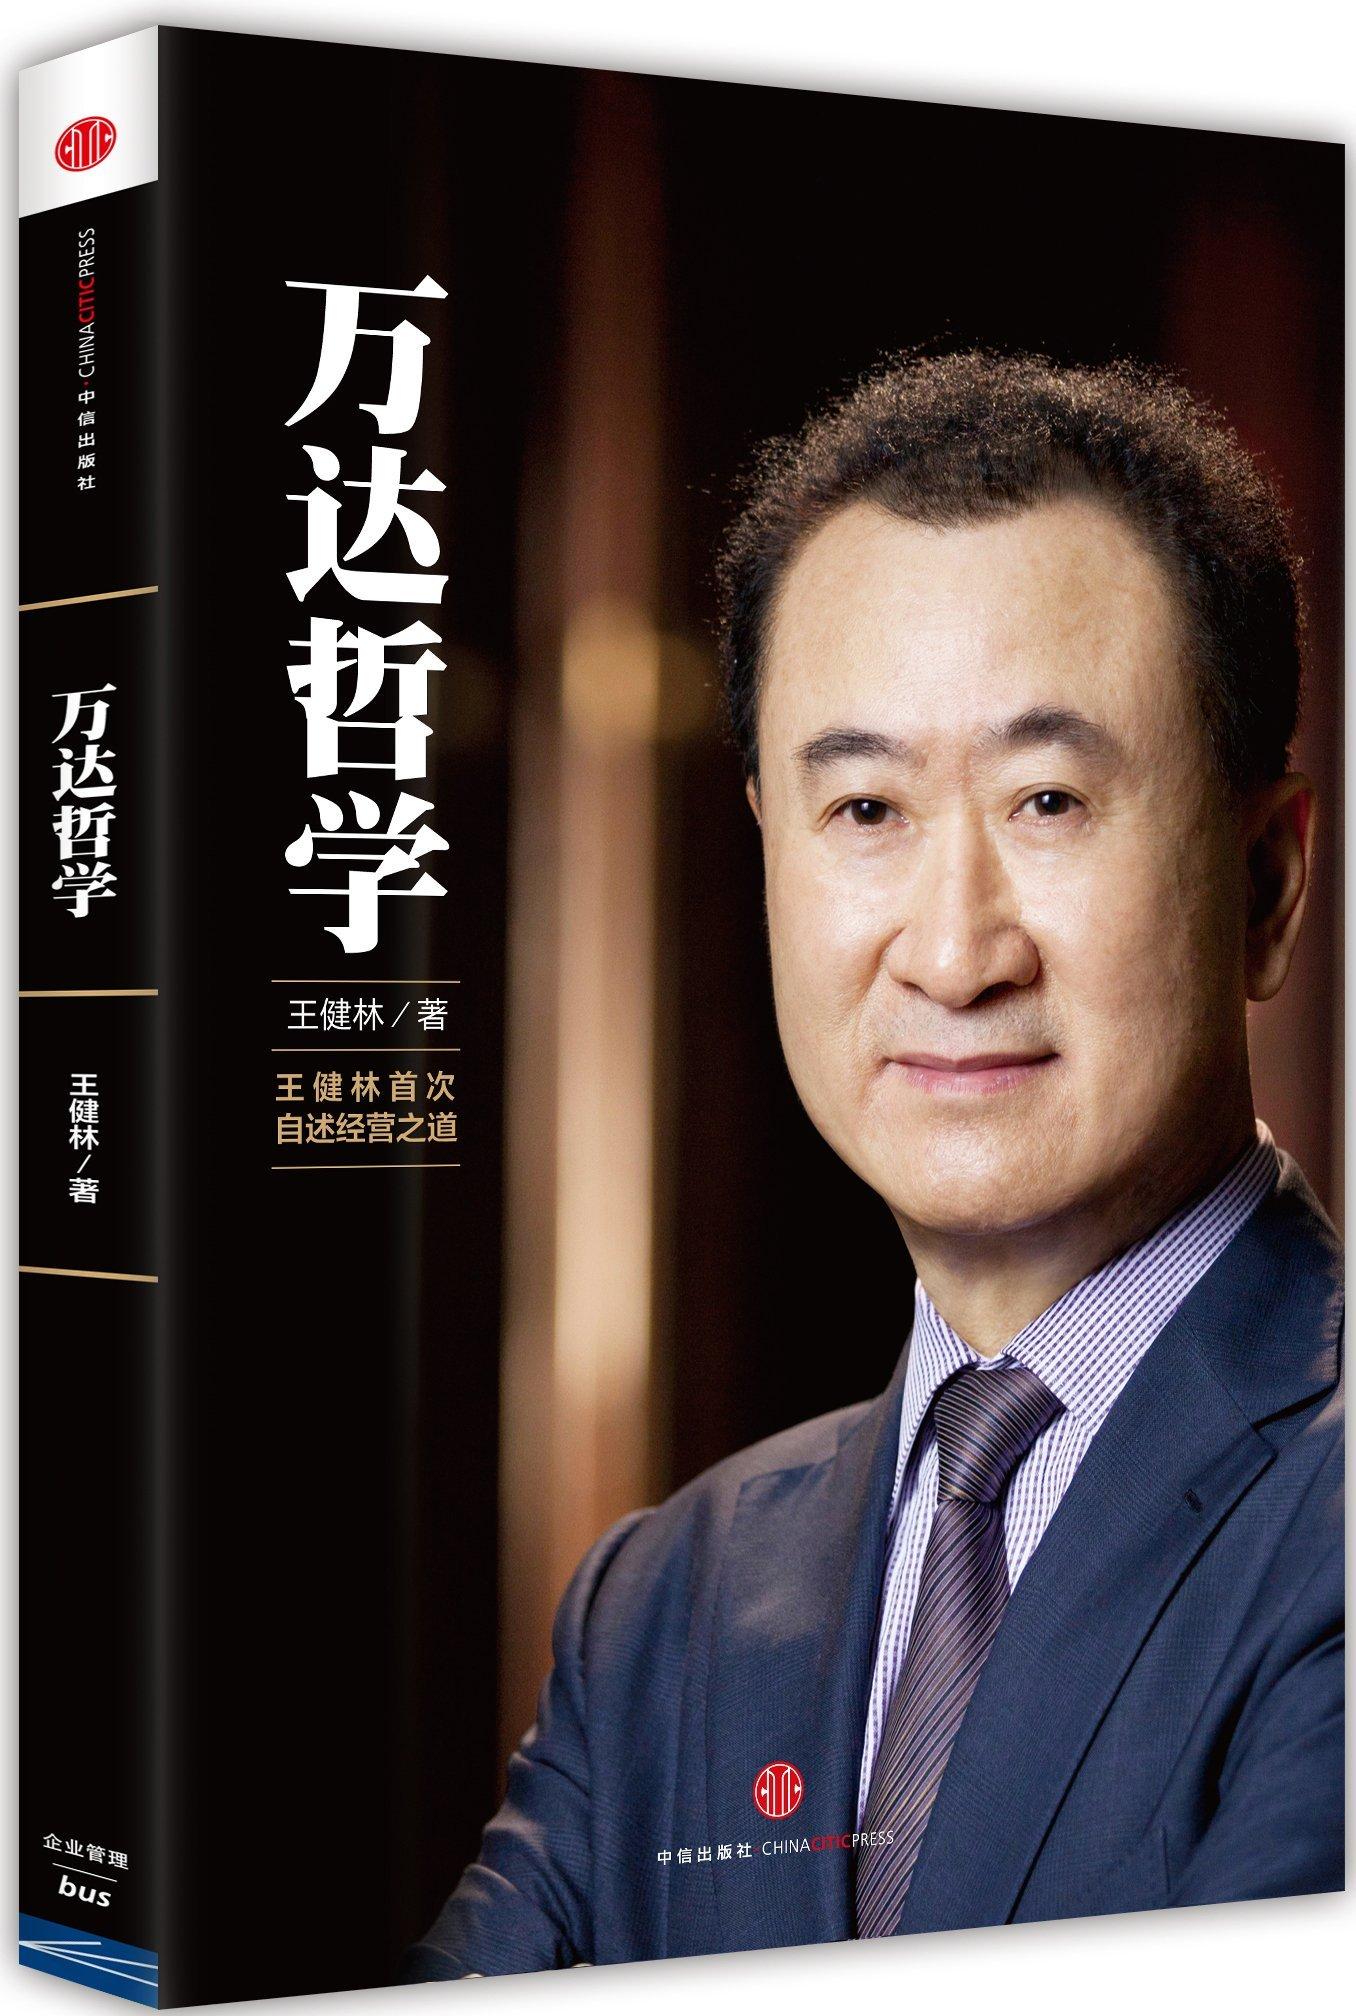 Philosophy of Wanda Group: Wang Jianlin's Business